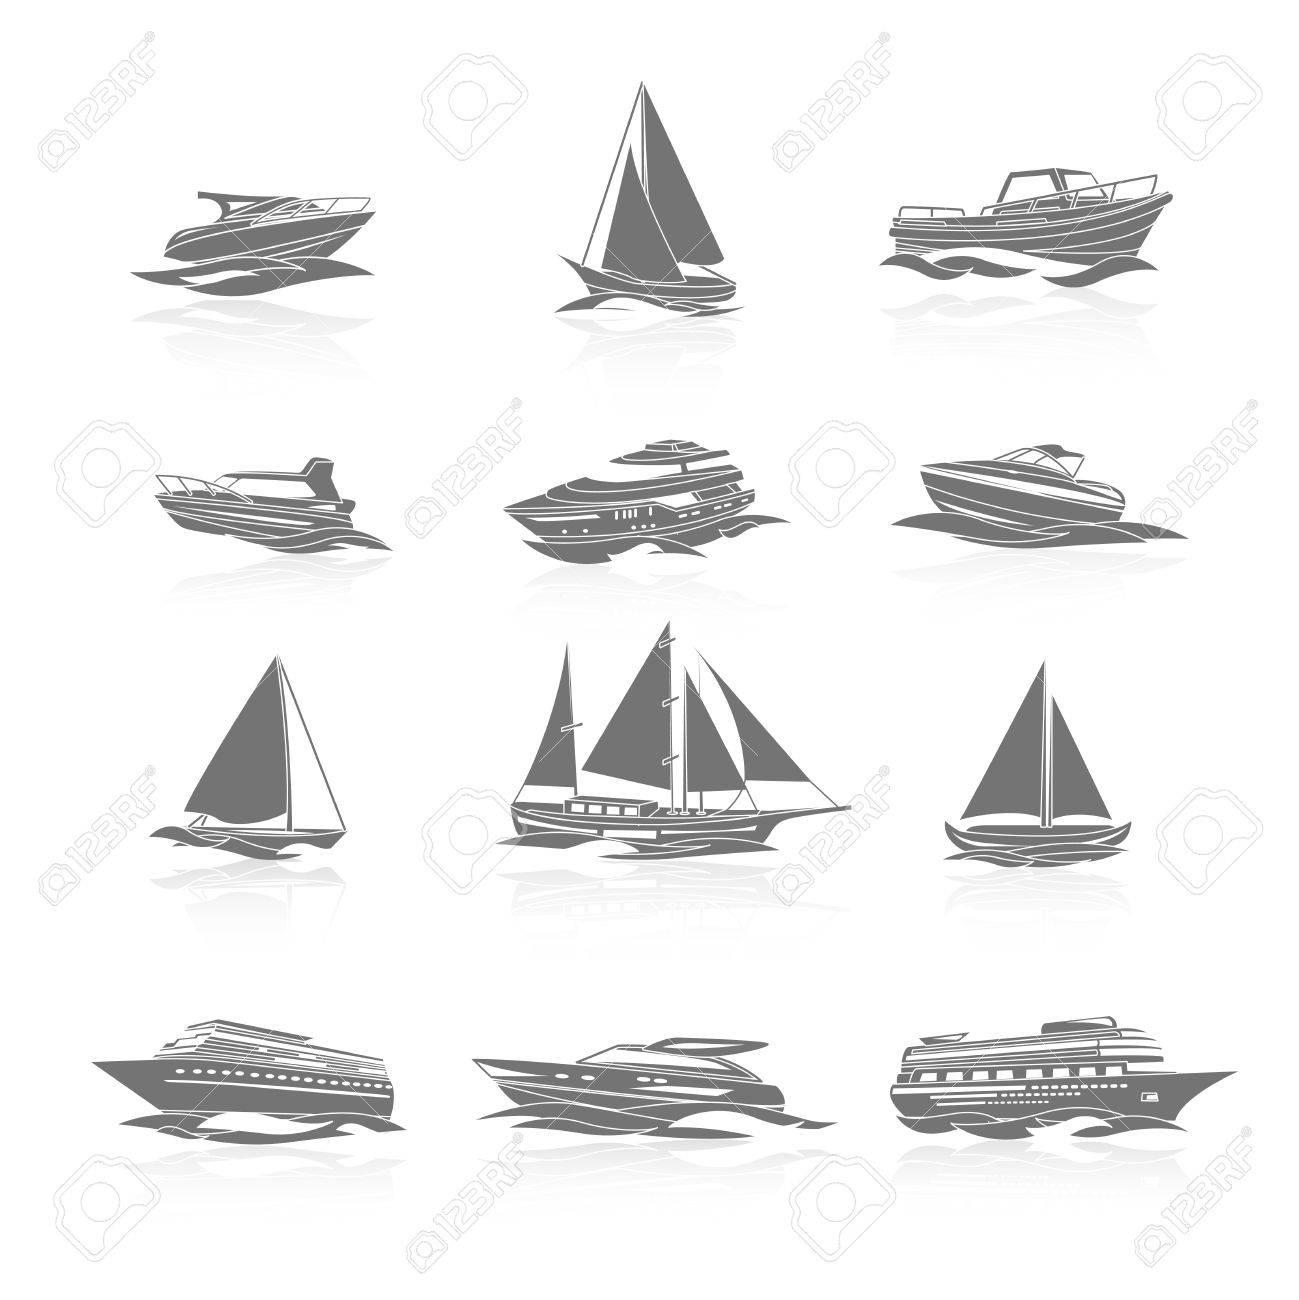 Segelboot zeichnung schwarz  Ozean-Kreuzfahrtschiff Schiff Und Segelboot Yachten Boote ...